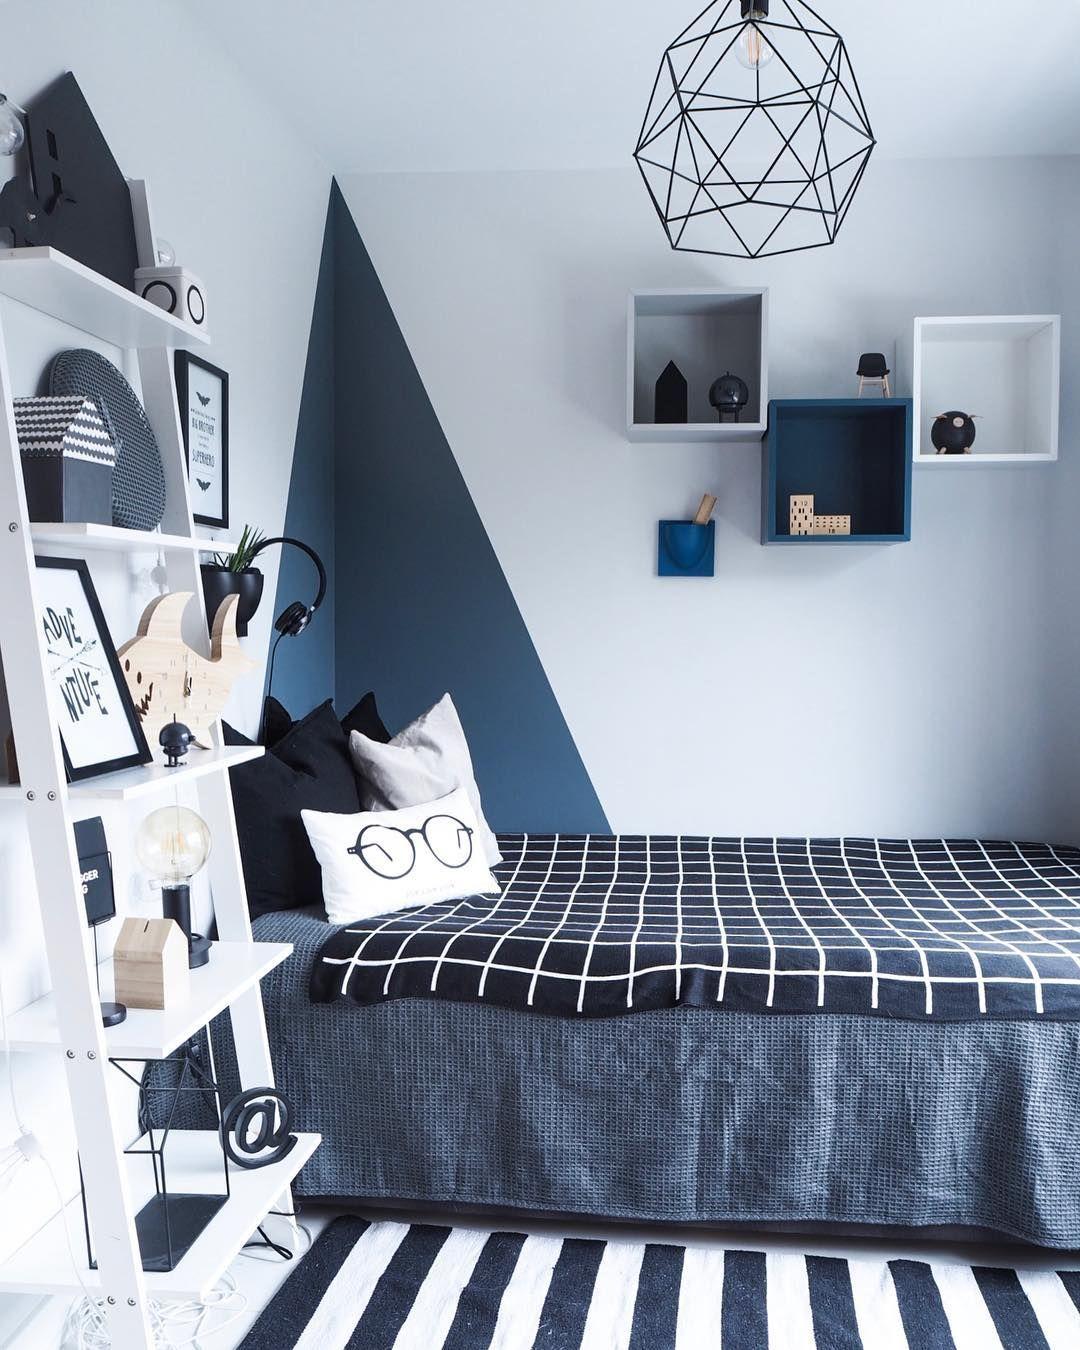 """Linda-Mathilde ✌🏽️ on Instagram: """"Big boy room 💙 Gutta skal få pynte rommene sine selv til jul- deler bilde før pynten er på plass 🙊😂 ~~~~~~~~~~~ #kidsroom #kidsdecor…"""""""